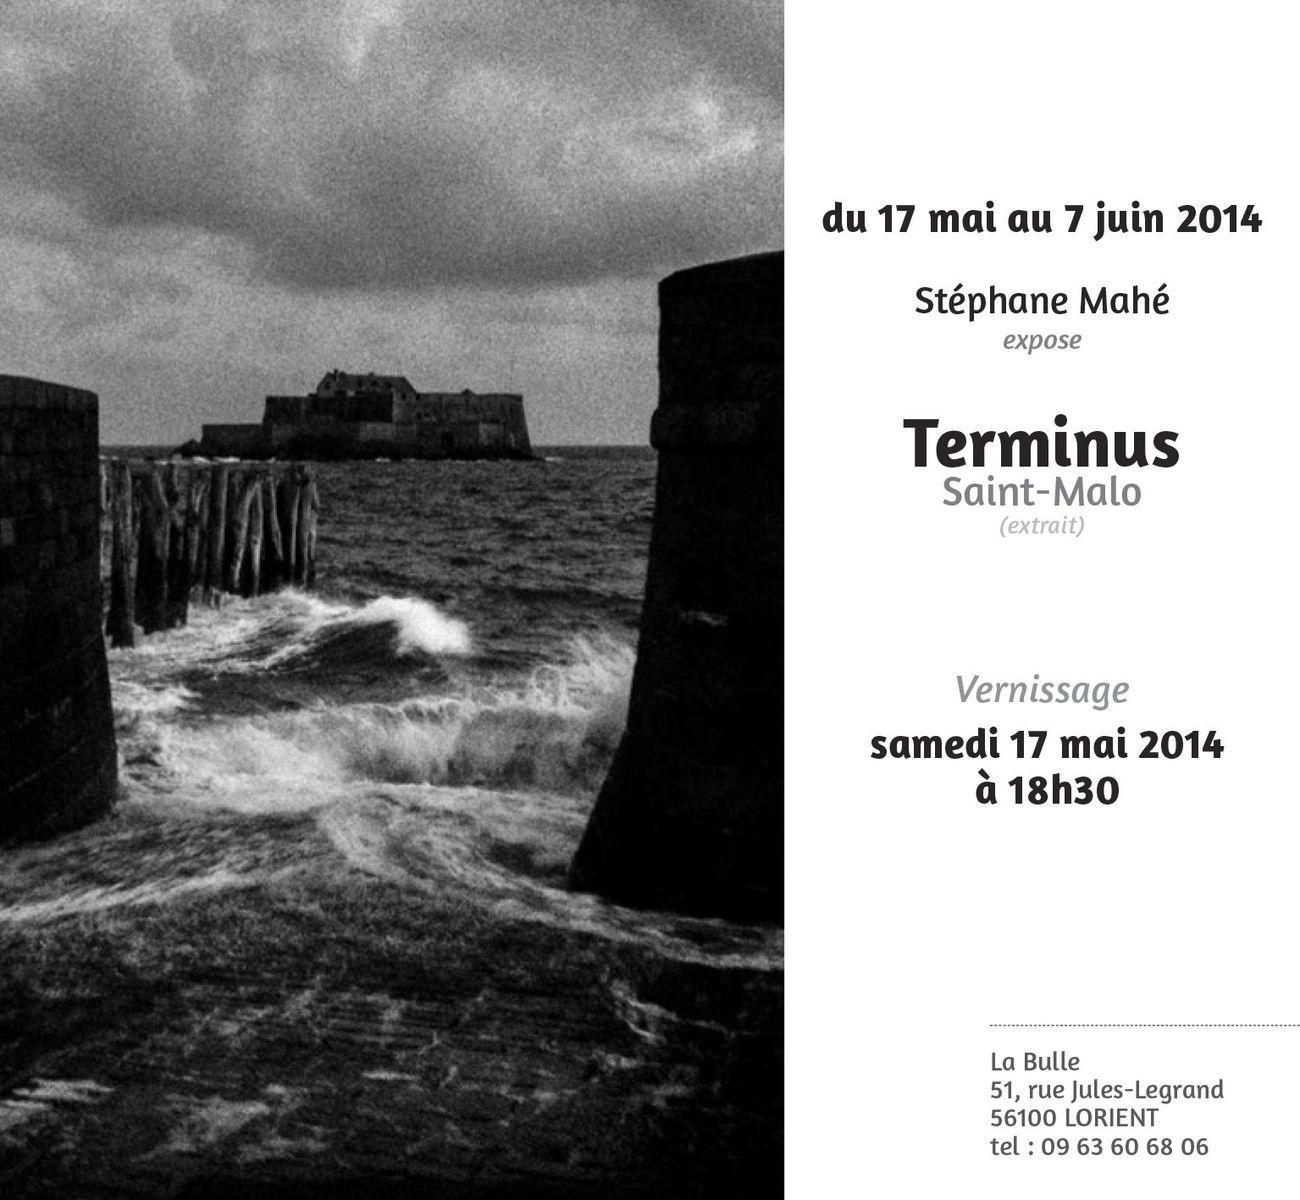 """Exposition du 17 mai au 7 juin, au café la Bulle, à Lorient. Quleques photos extraites du livre """". Pour en savoir plus sur le livre : http://www.editionsdejuillet.com/collections/frontpage/products/terminus-saint-malo"""